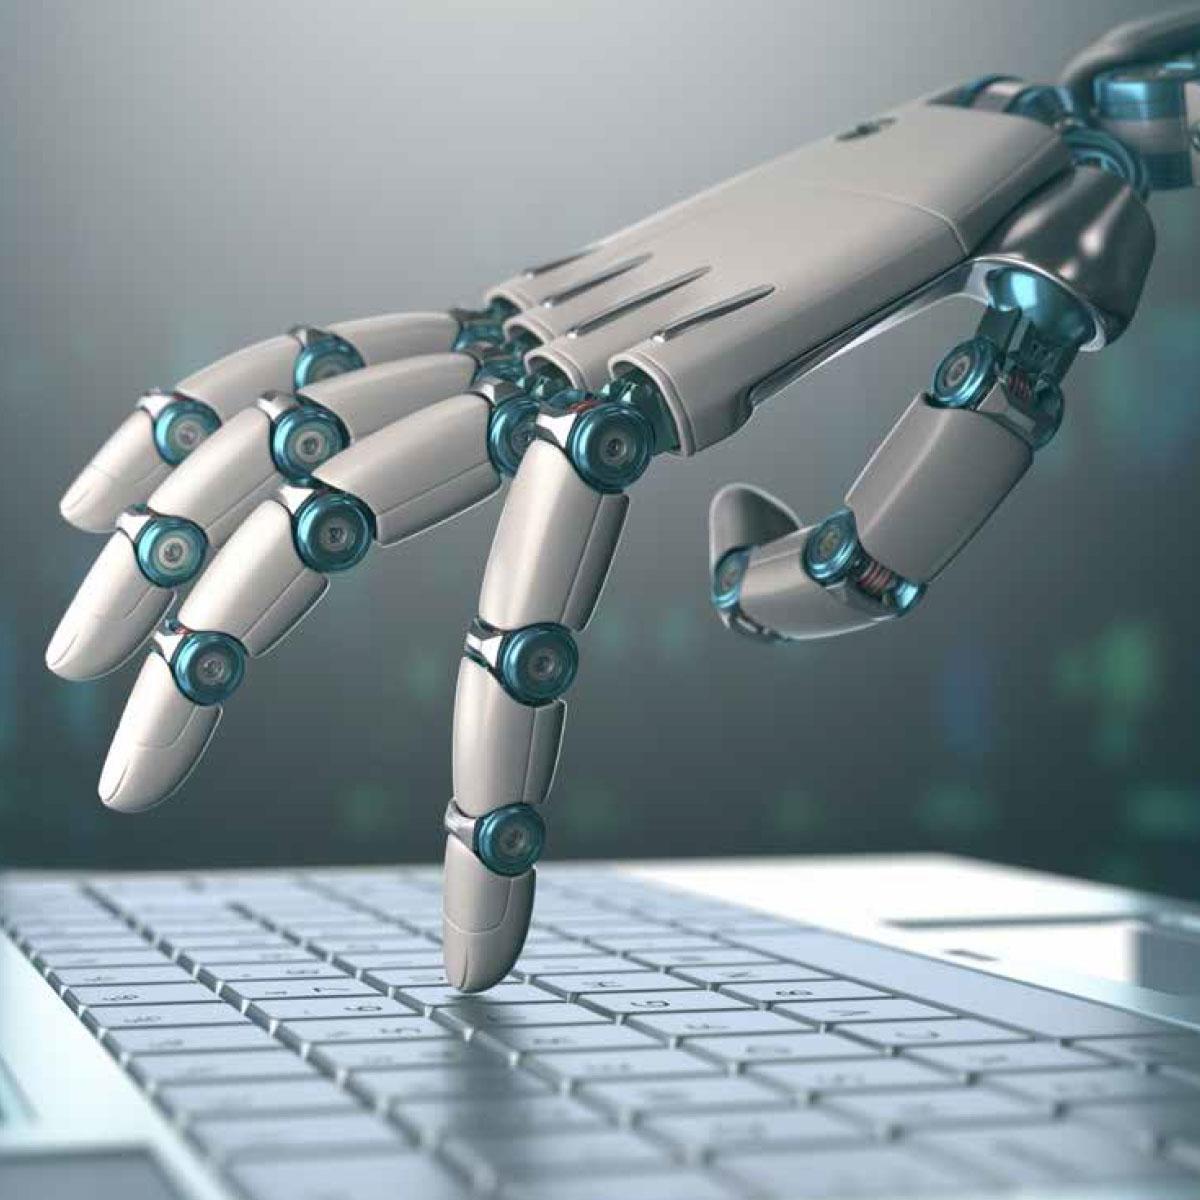 2017年工業機器人和網路安全白皮